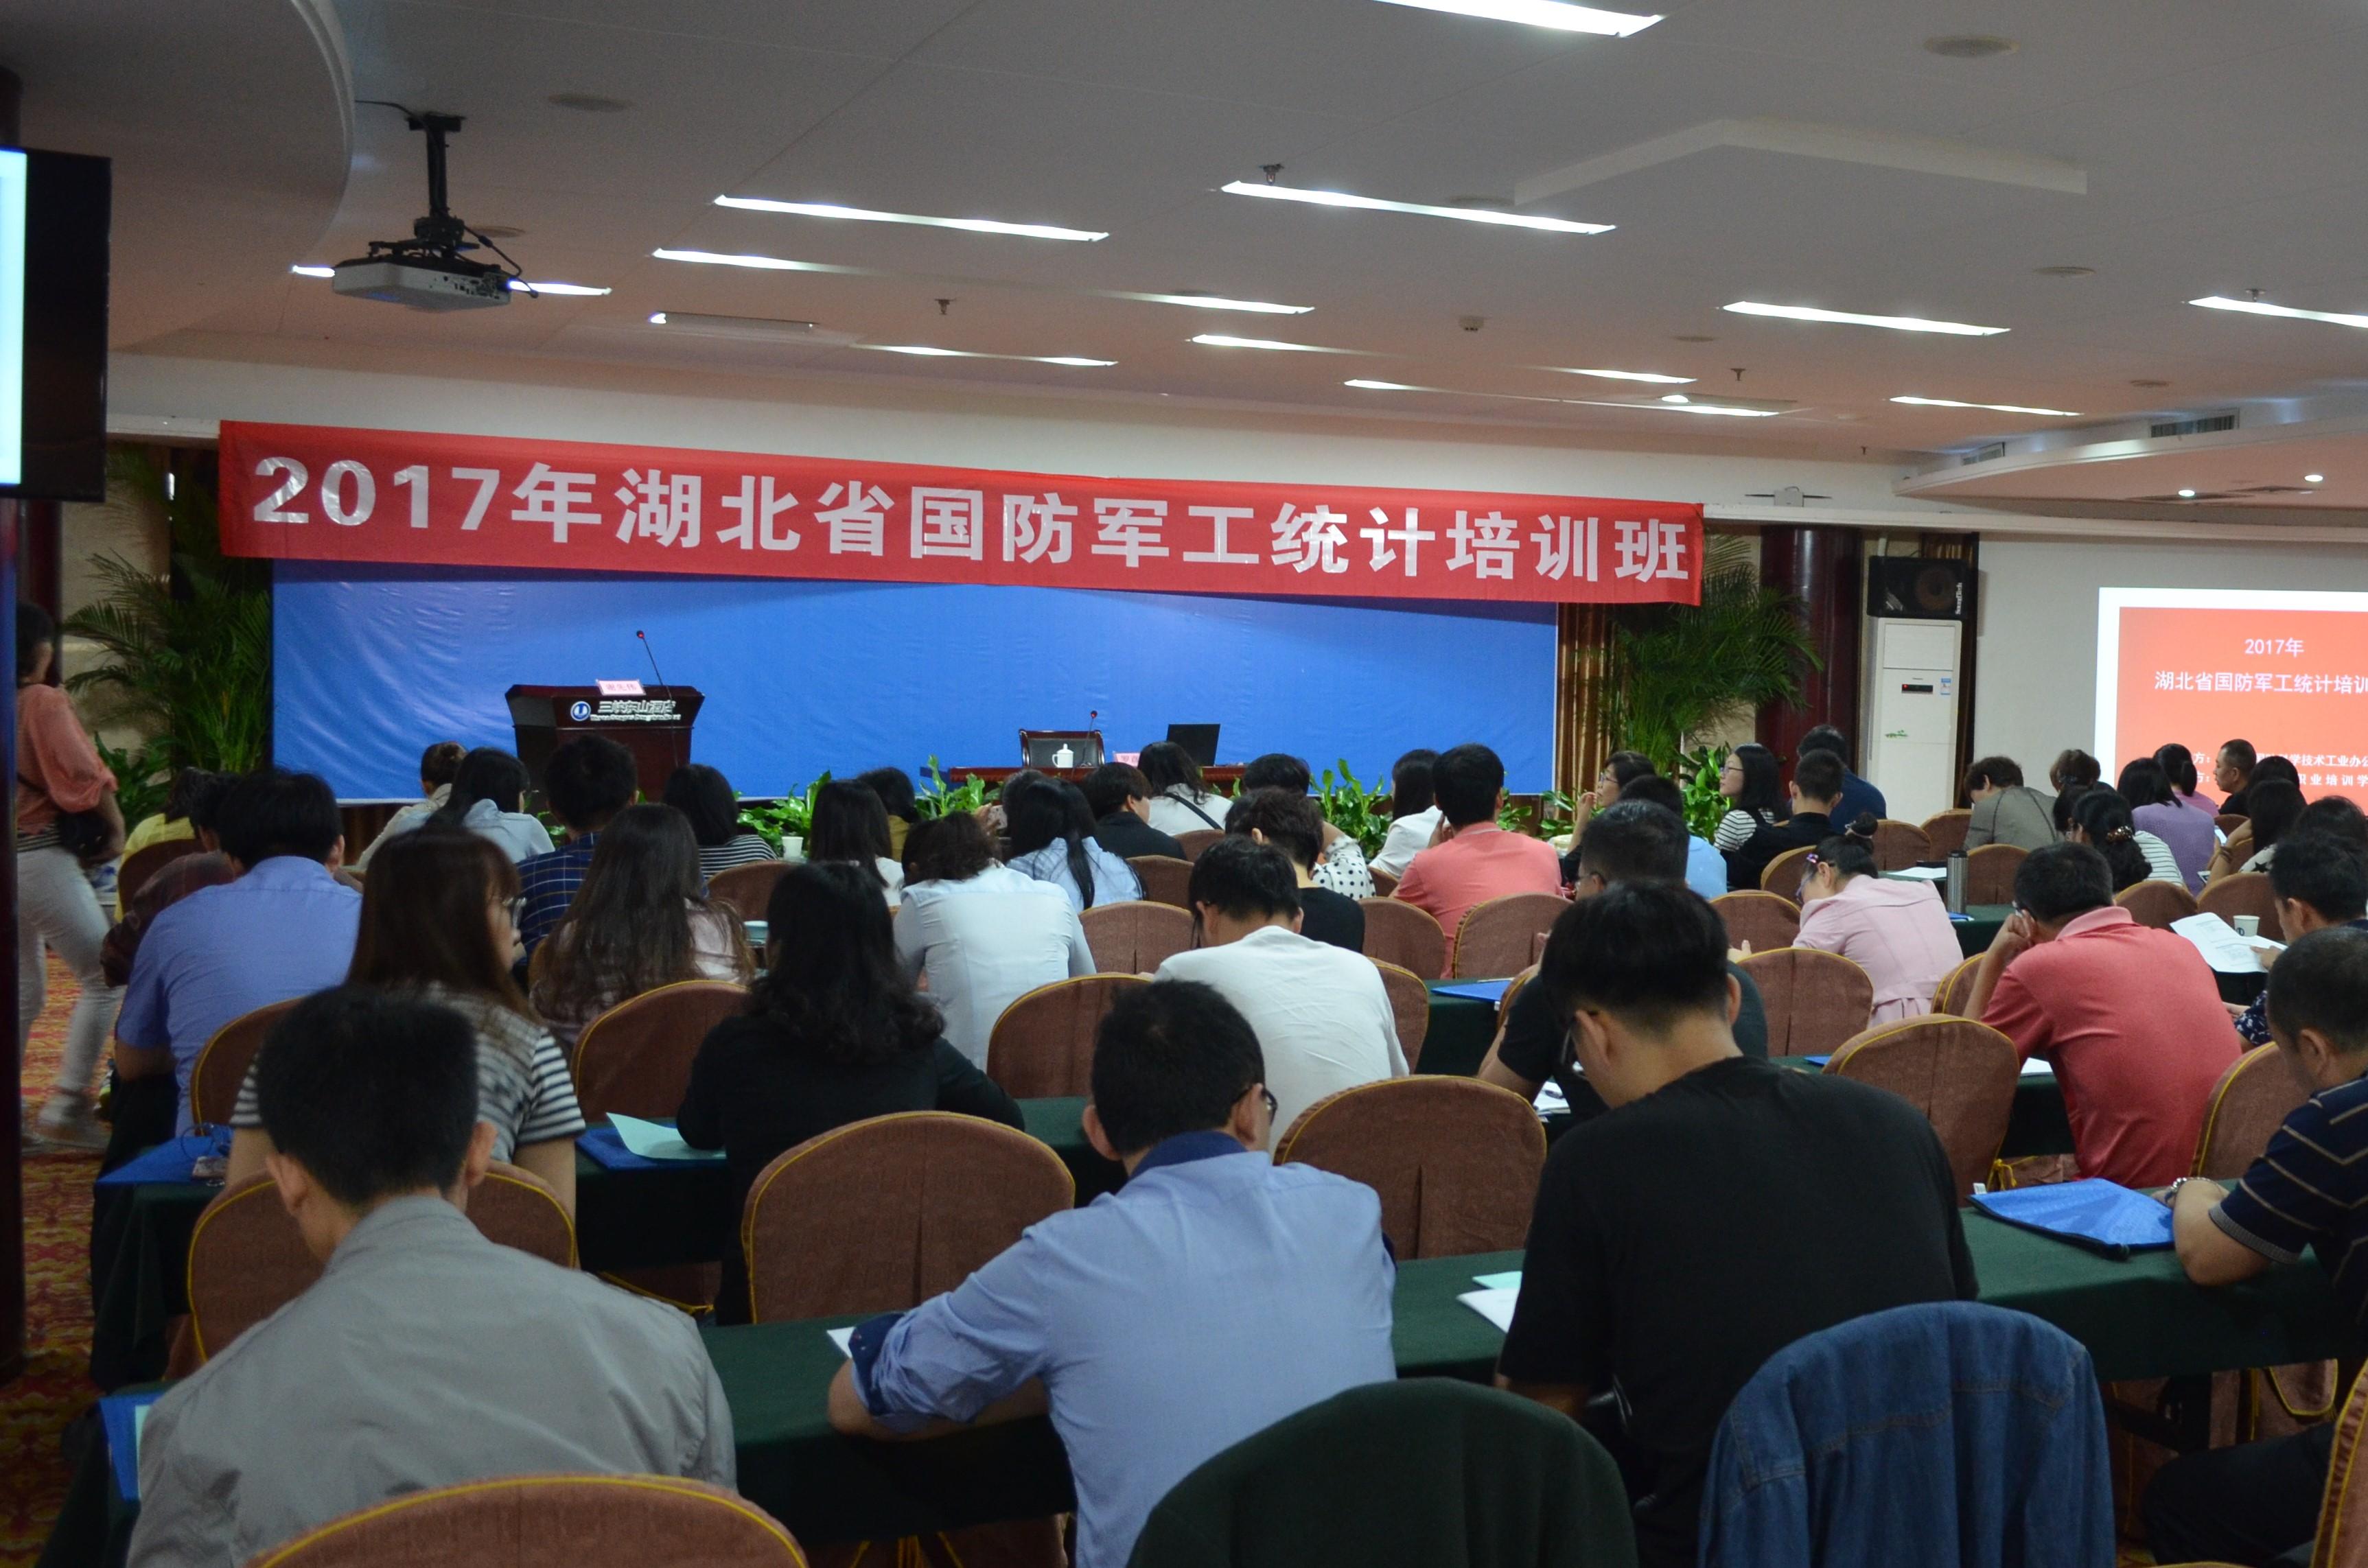 2017年湖北省国防军工统计培训现场